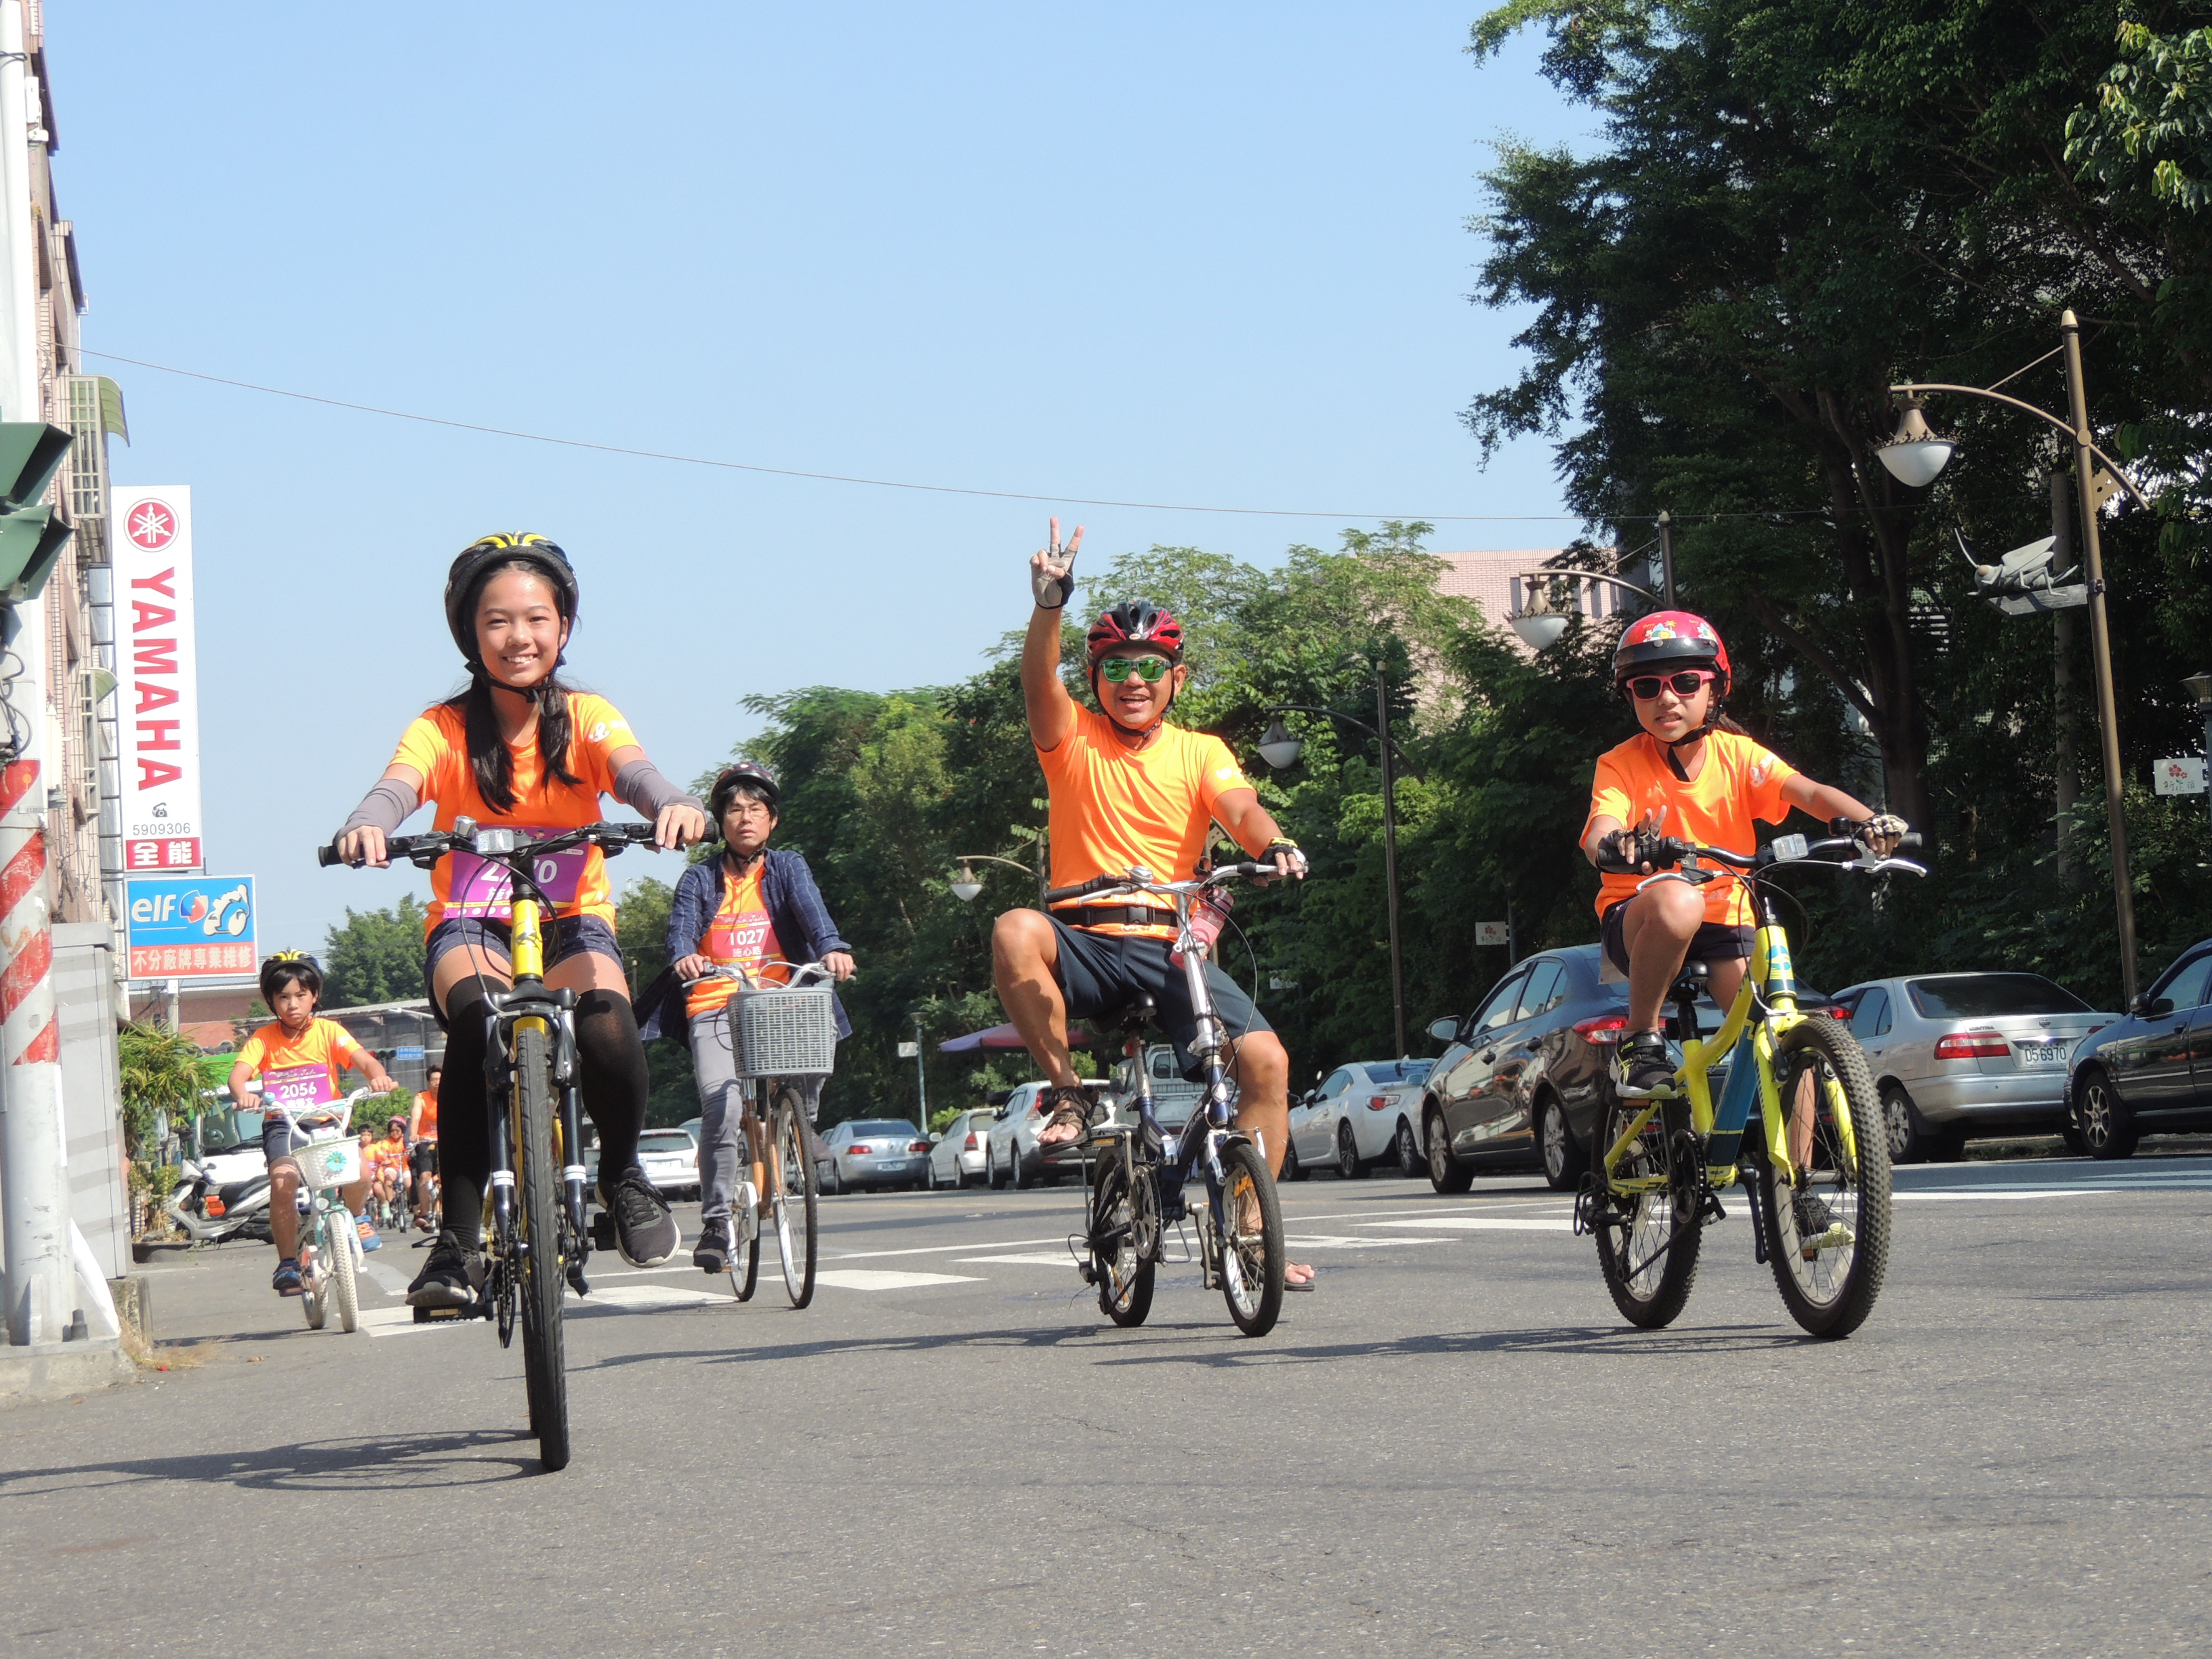 活動規畫了10K單車路線,一路往新化老街前進,讓民眾邊騎車邊欣賞農村景緻。(圖/徐炳文攝)